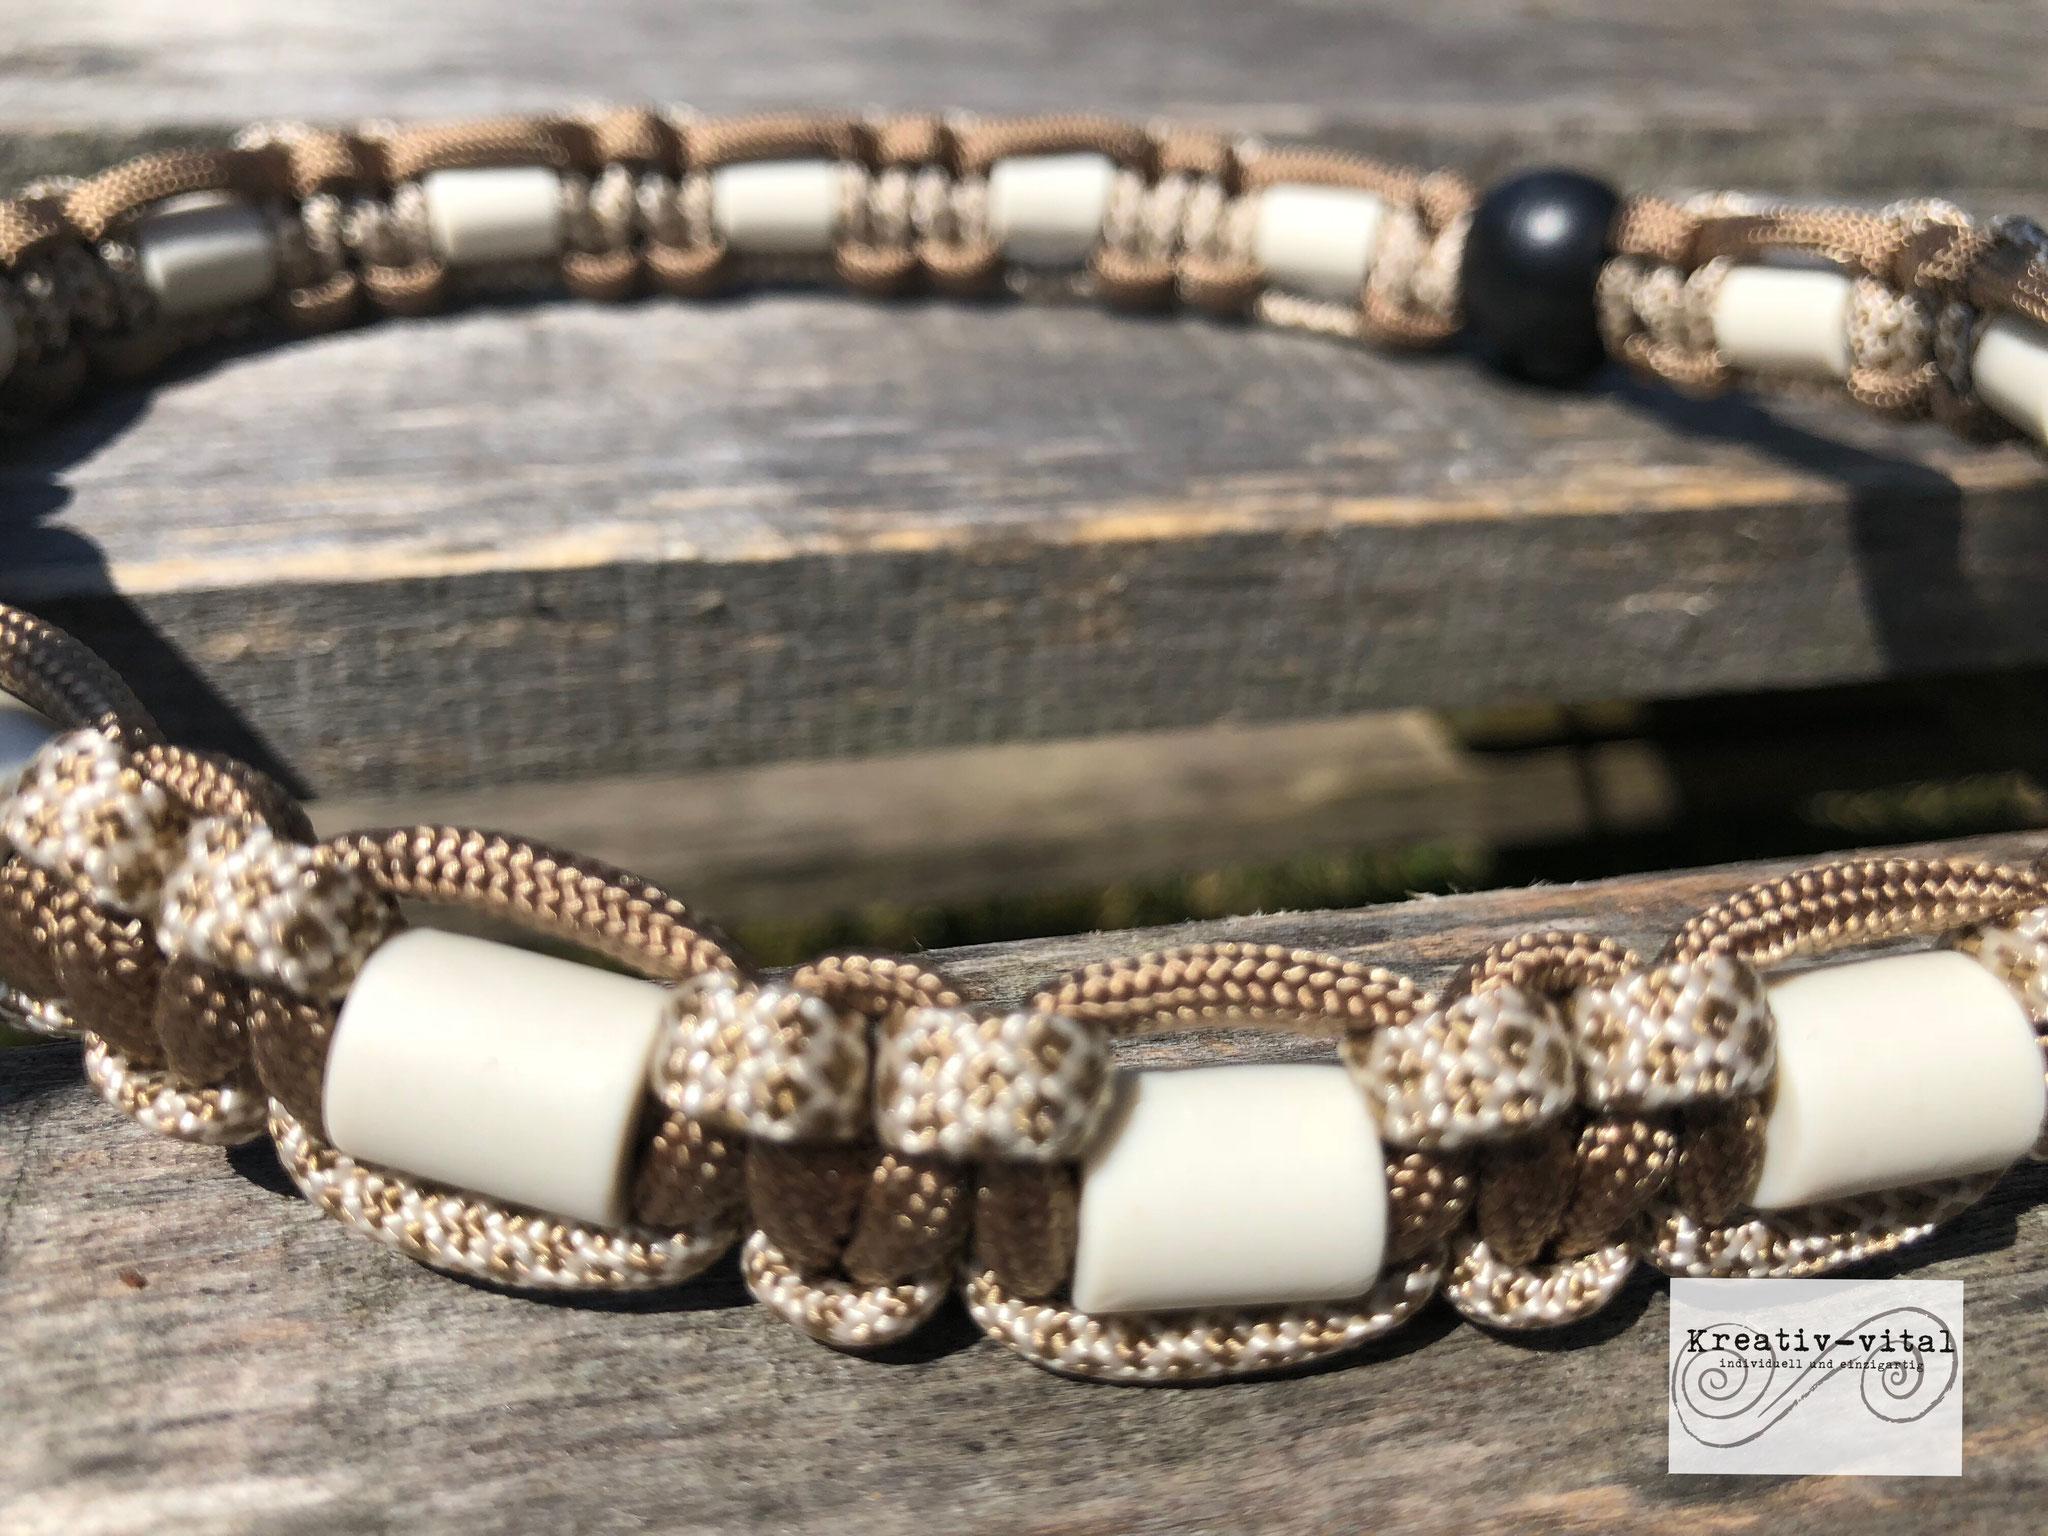 EM Keramik Halsband für Hund/Katze 46-50cm Halsumfang Cream-Braun/Braun